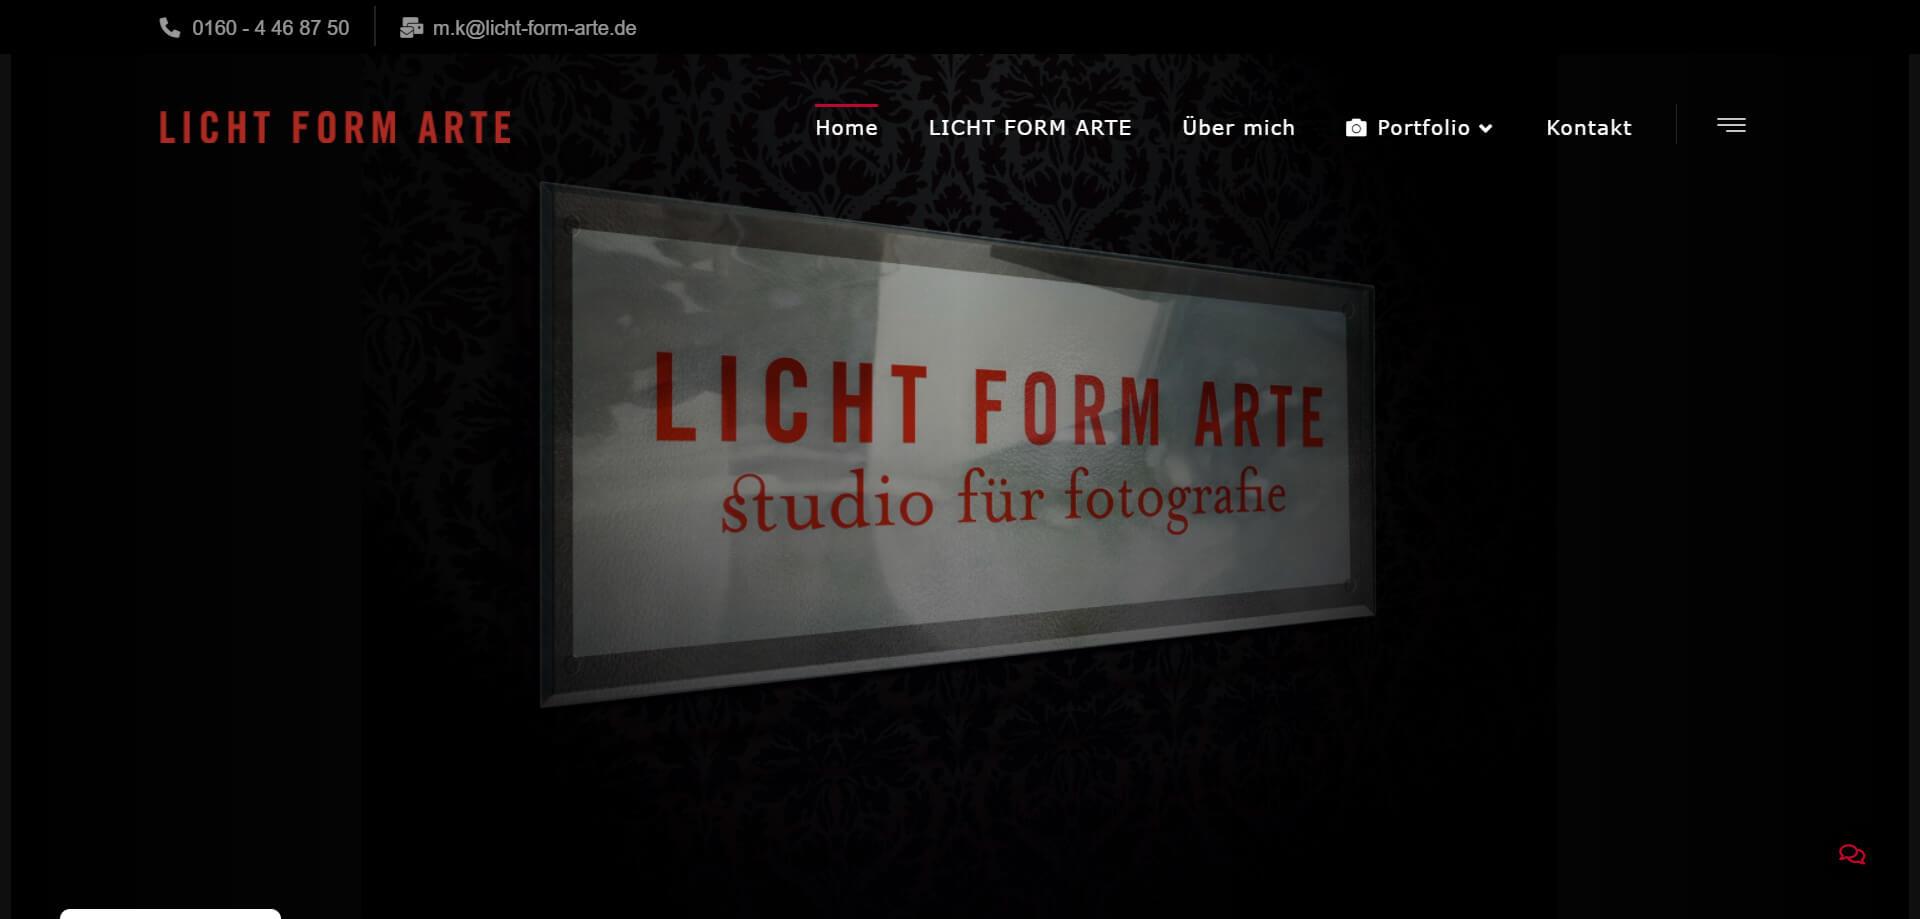 Licht Form Arte - WordPress Webdesign Referenz